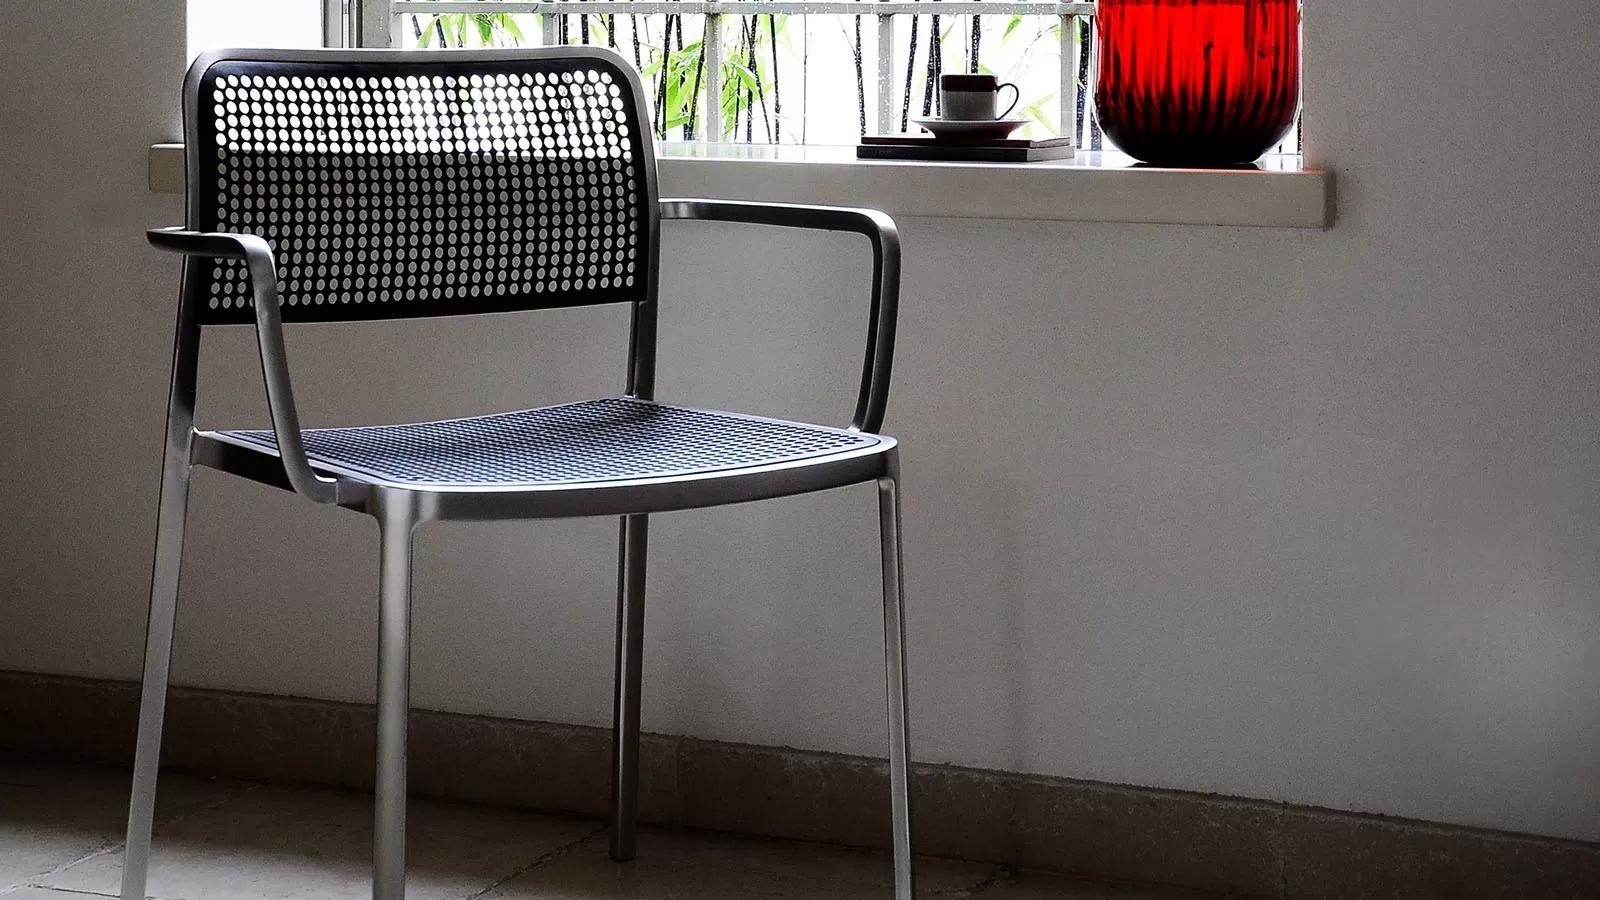 Kartell sedia audrey scontato del 26 sedie a prezzi for Sedie kartell prezzi